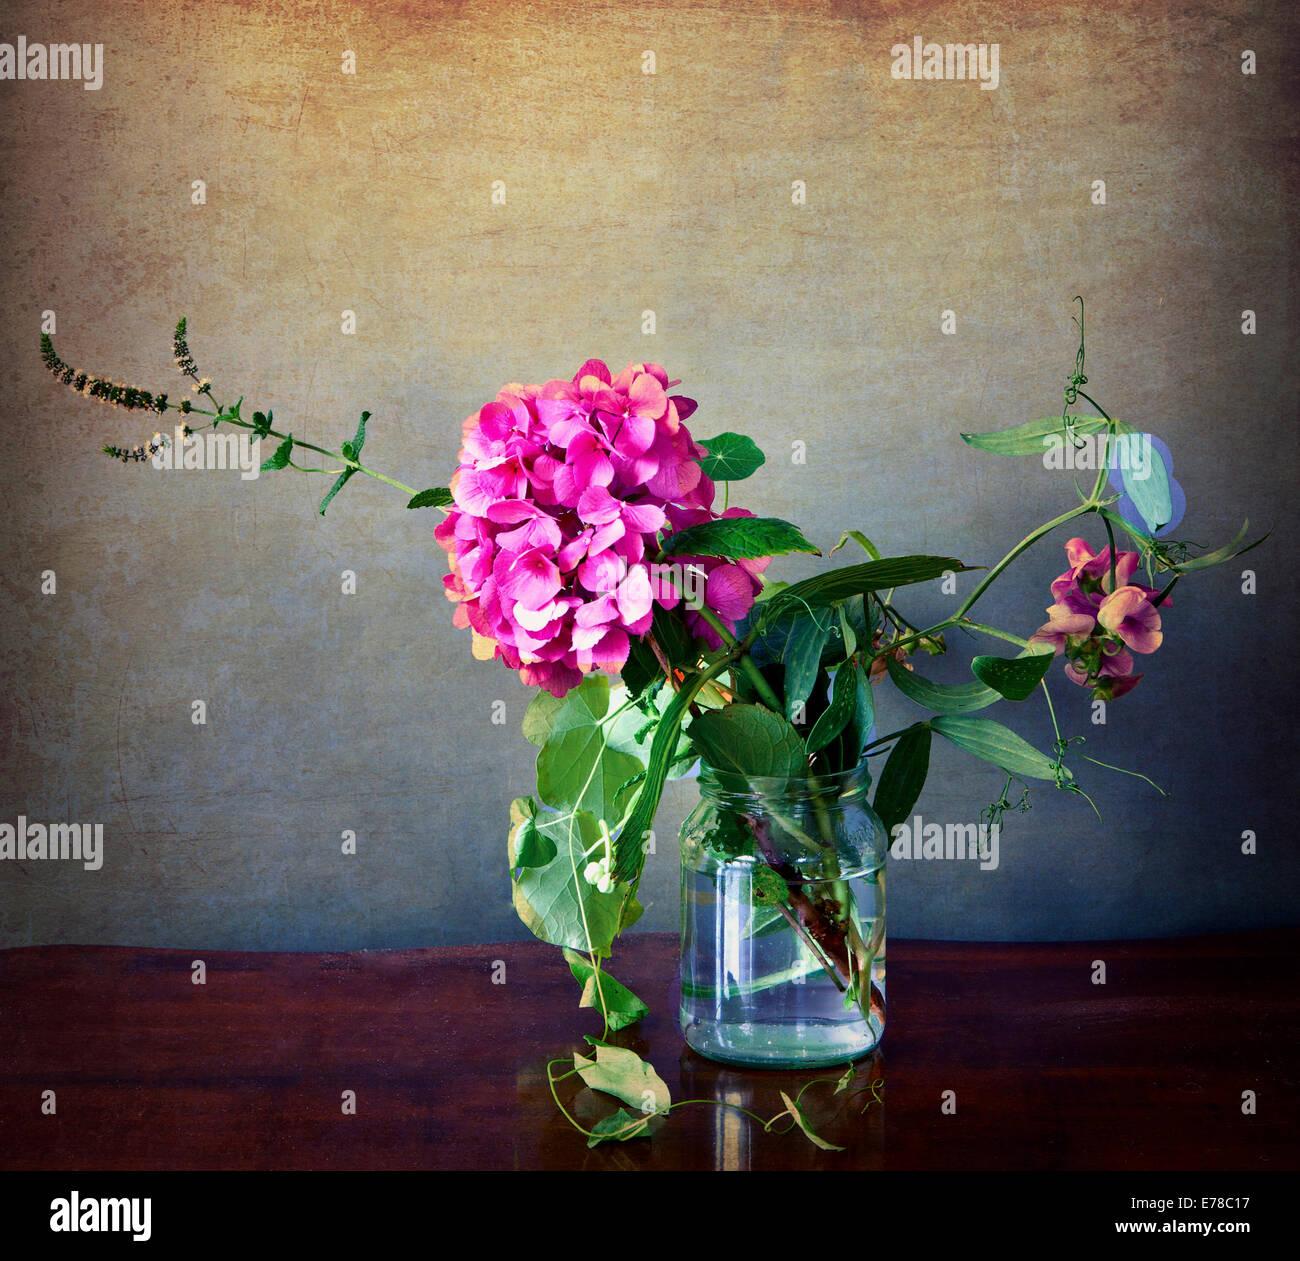 Rosa Hortensia y flores del campo en un vidrio con textura vintage y retro-como efecto añadido Instagram Imagen De Stock